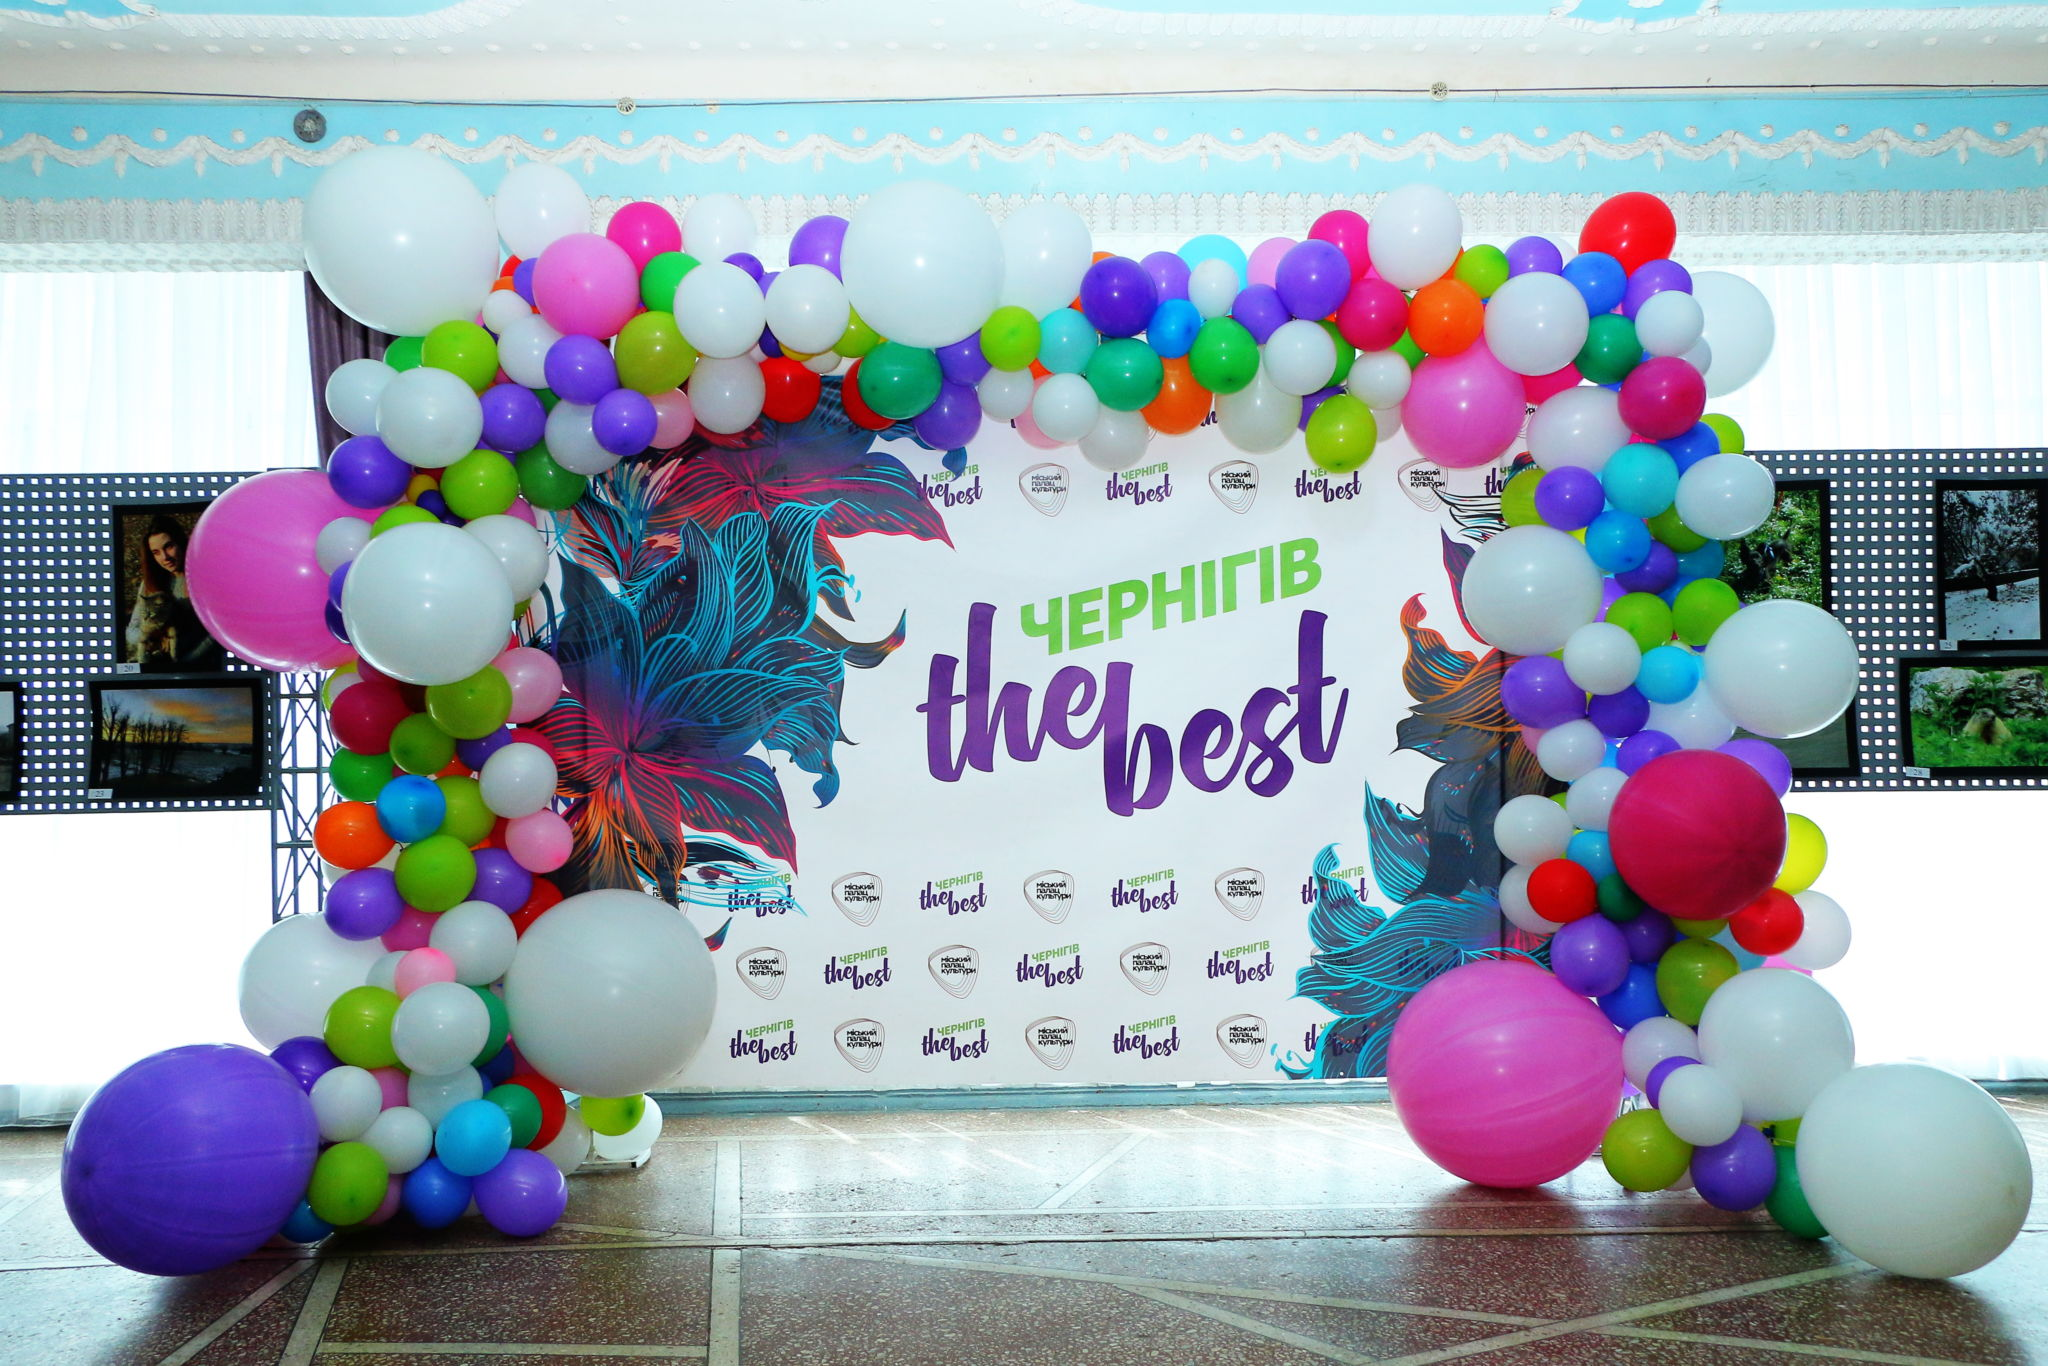 Фіналісти конкурсу-фестивалю «Чернігів the best 2019» визначені!